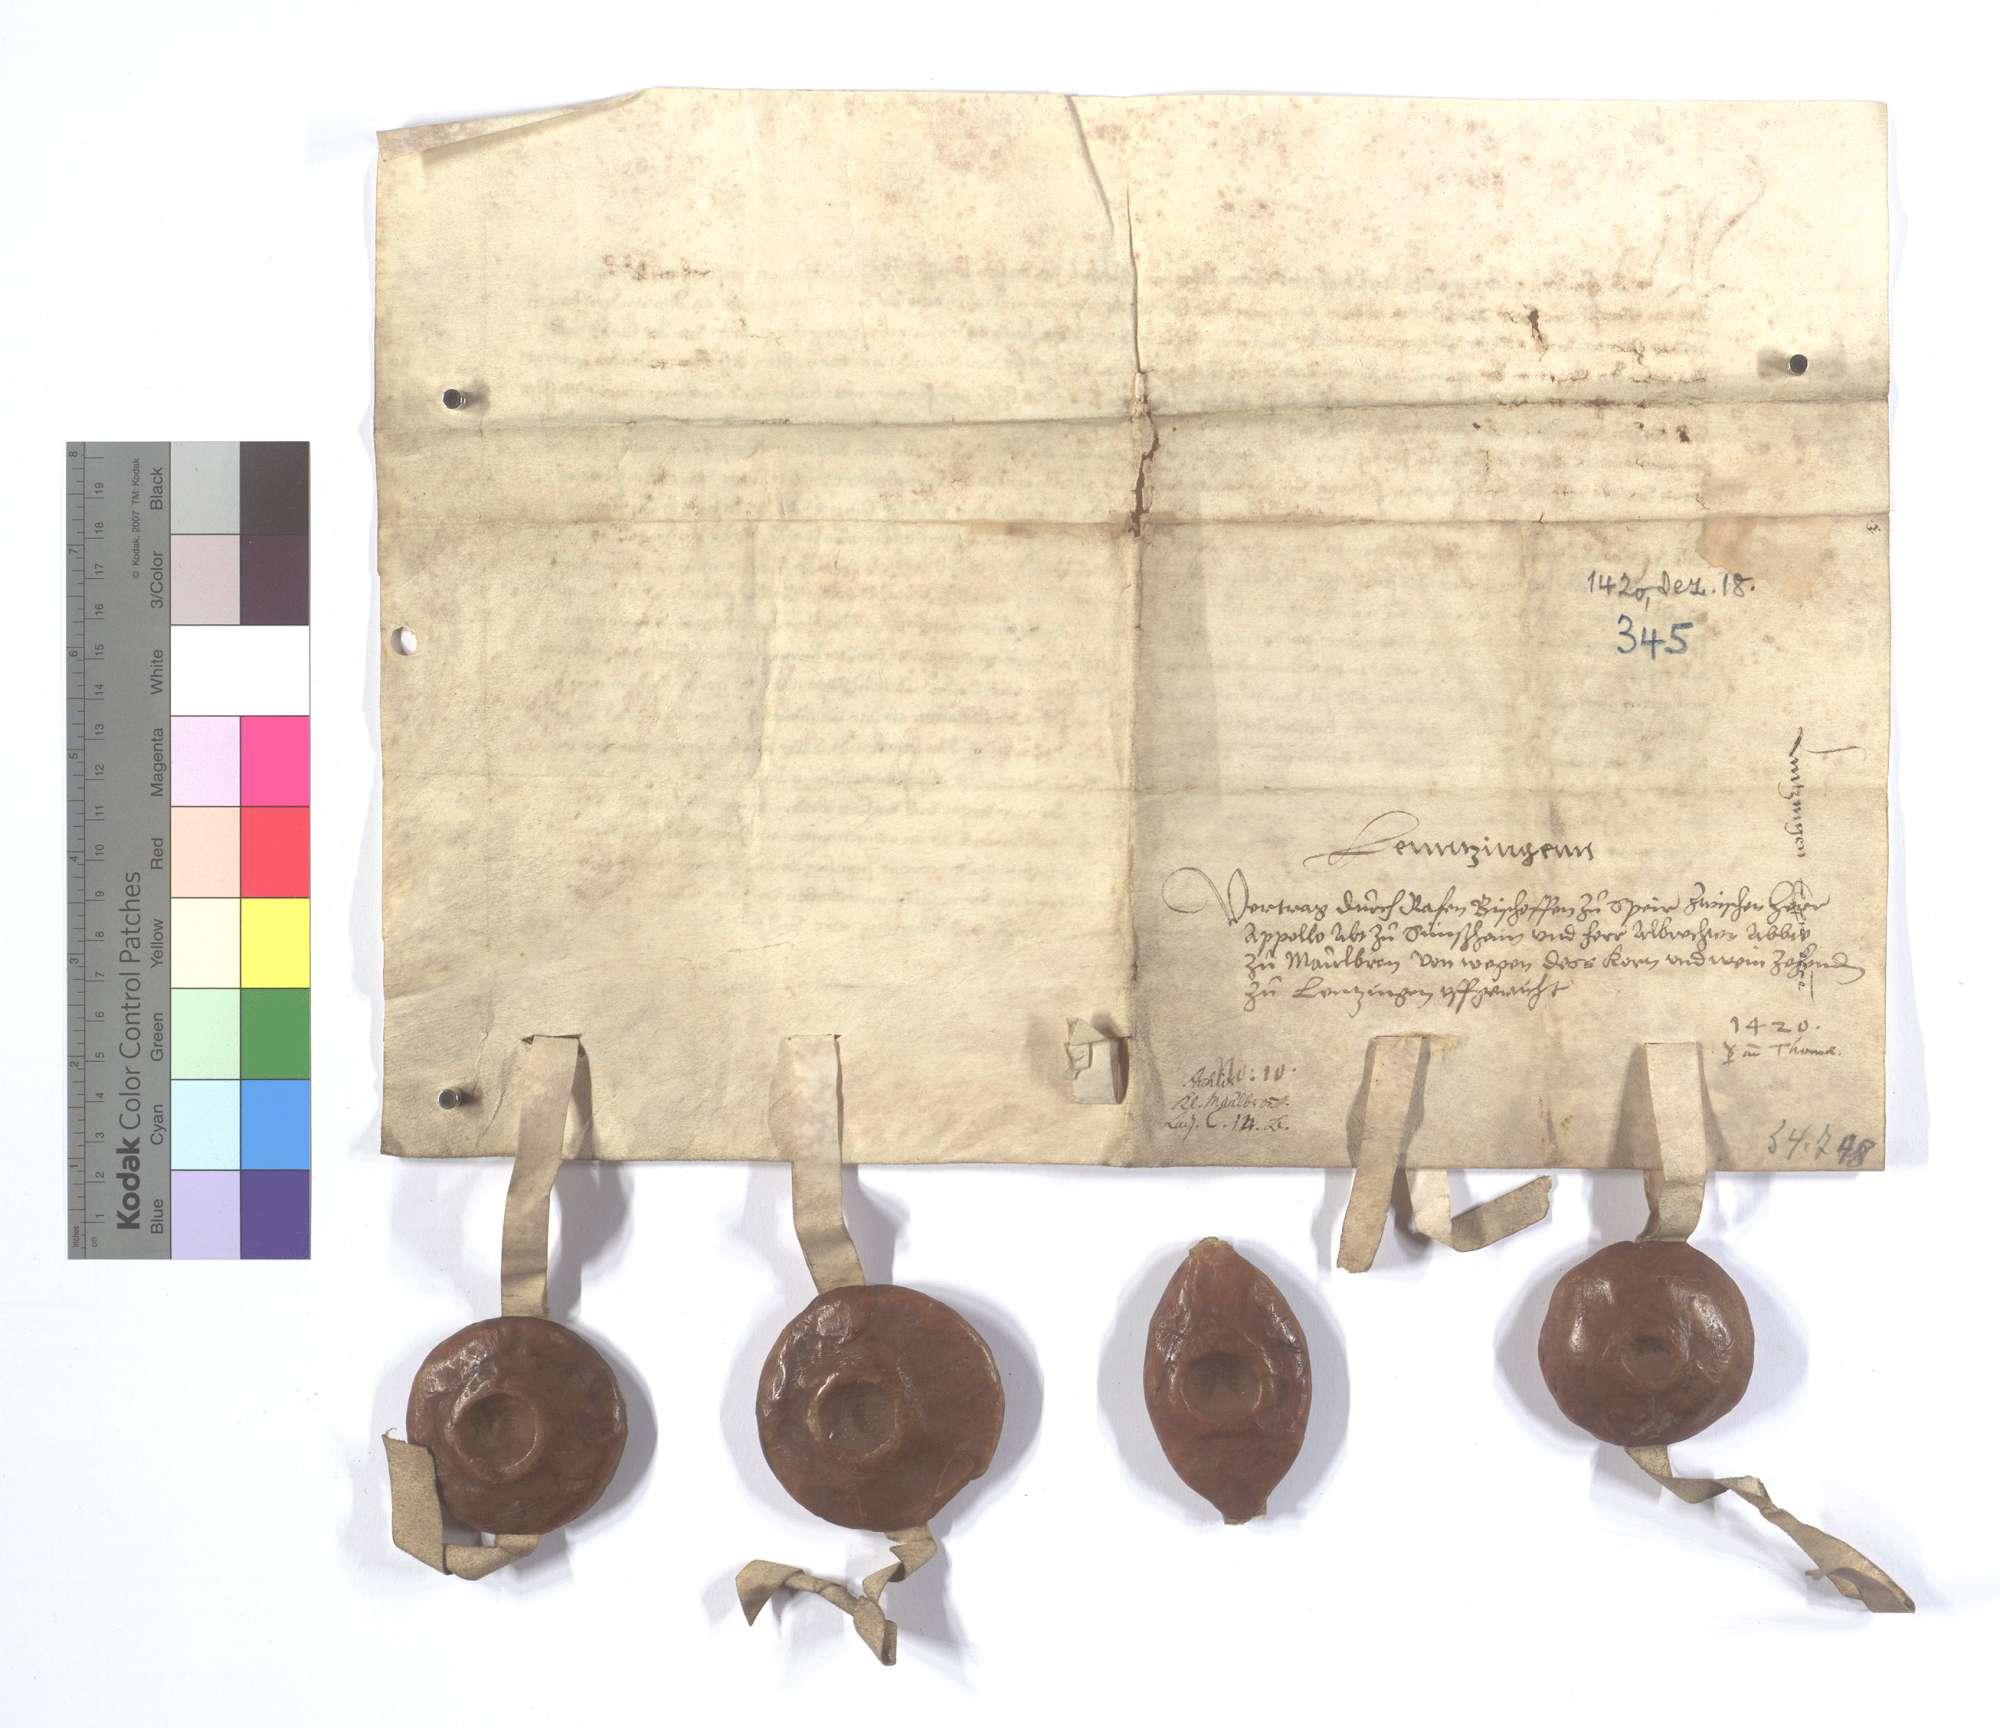 Bischöflich Speyrischer Vertrag zwischen den beiden Äbten von Sinsheim (Sinßheim) und Maulbronn wegen des Korn- und Weinzehnten in Lienzingen (Lientzingen)., Rückseite